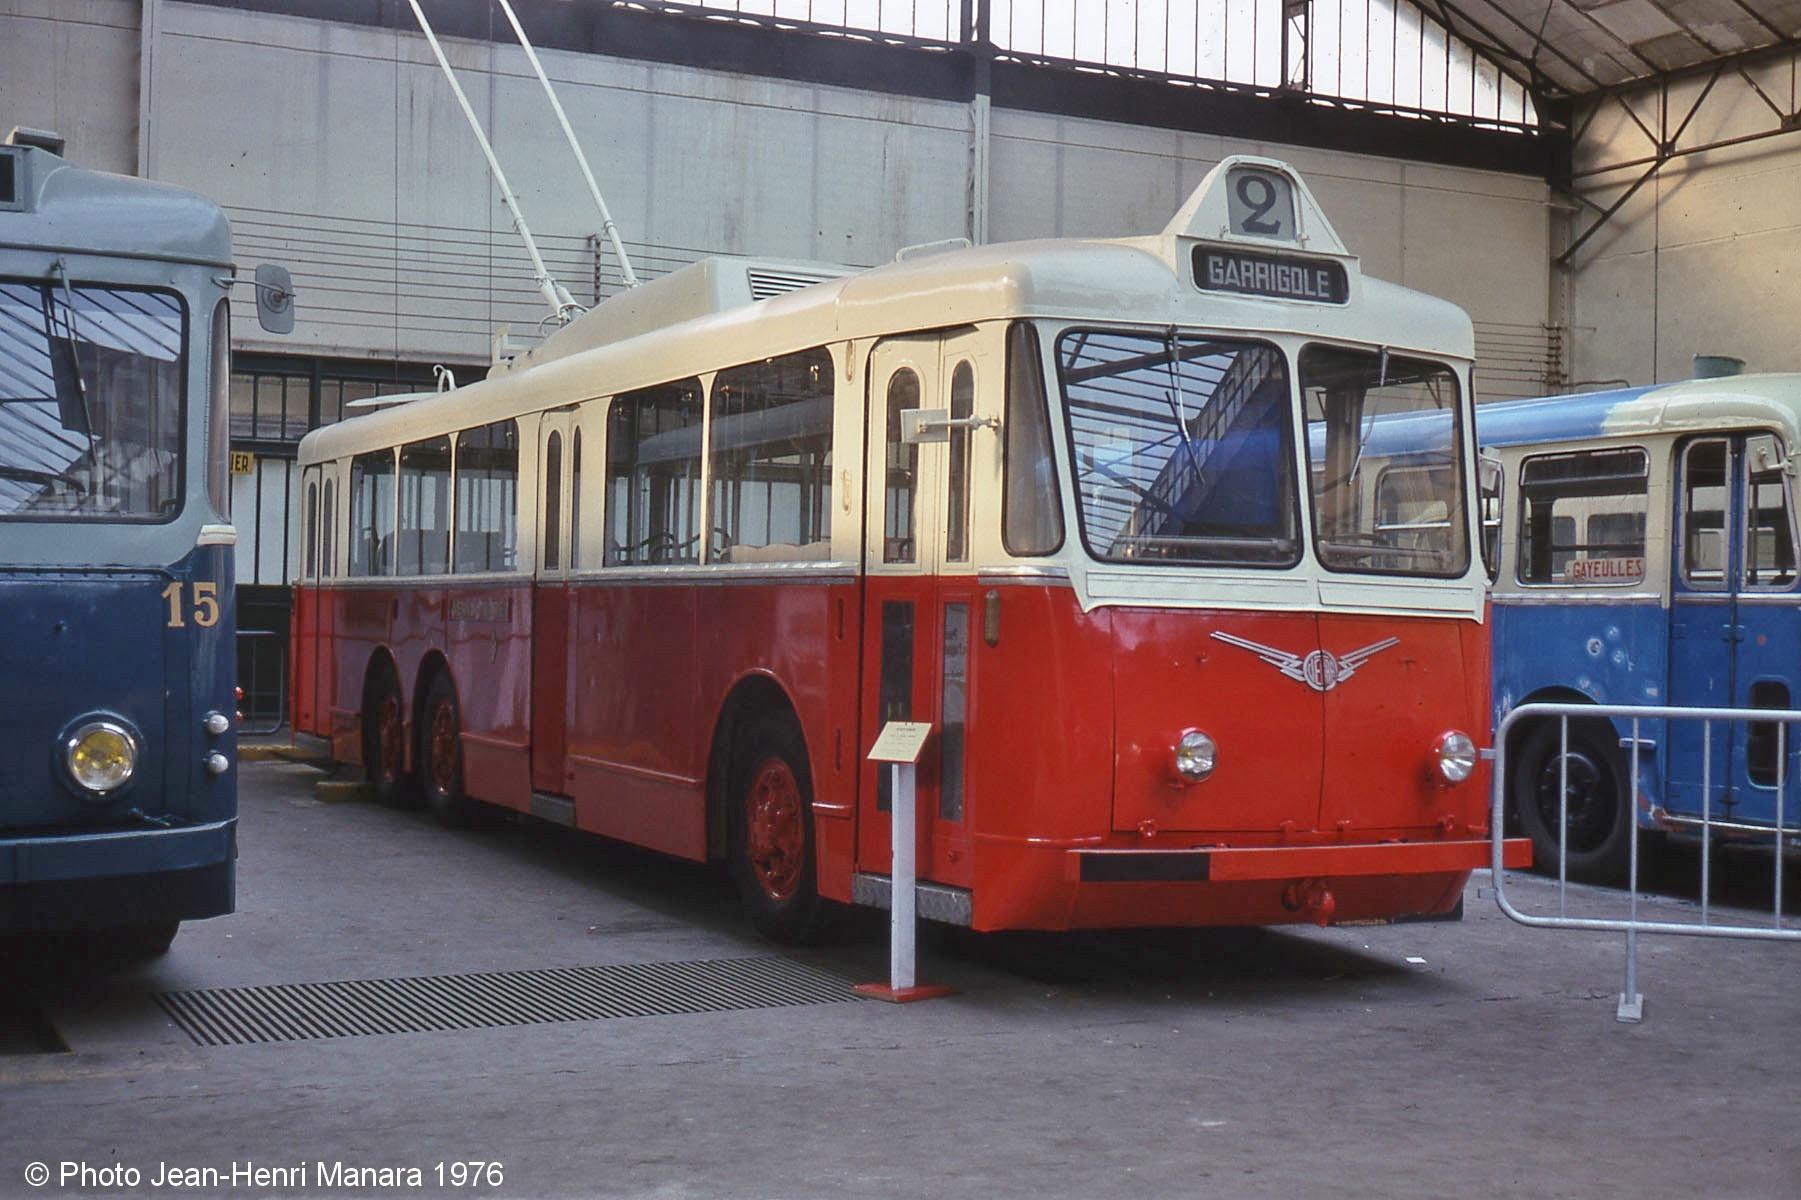 Vůz typu VA3 ev. č. 124 byl po ukončení kariéry v Perpignanu získán sdružením Amtuir. Na snímku z roku 1976 byla zachycen v bývalé tramvajové vozovně v obci Saint-Mandé, dnes je uchováván v obci Chelles, kde by měl vyrůst i plnohodnotný objekt muzea MHD namísto stávajícího provizorního. (foto: Jean-Henri Manara)